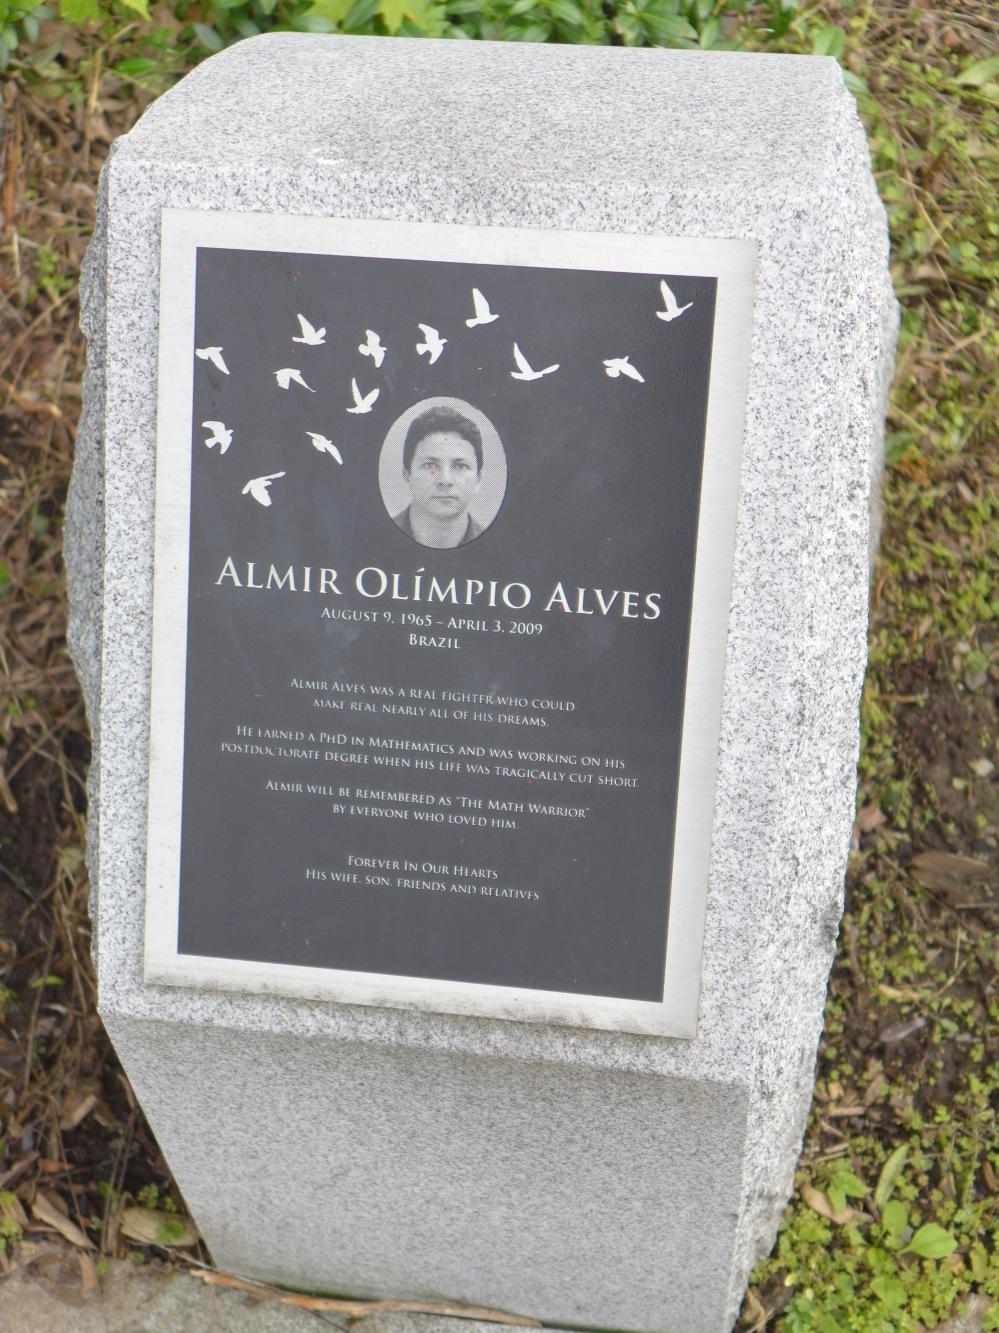 Memorial stone, Almir Olimio Alves